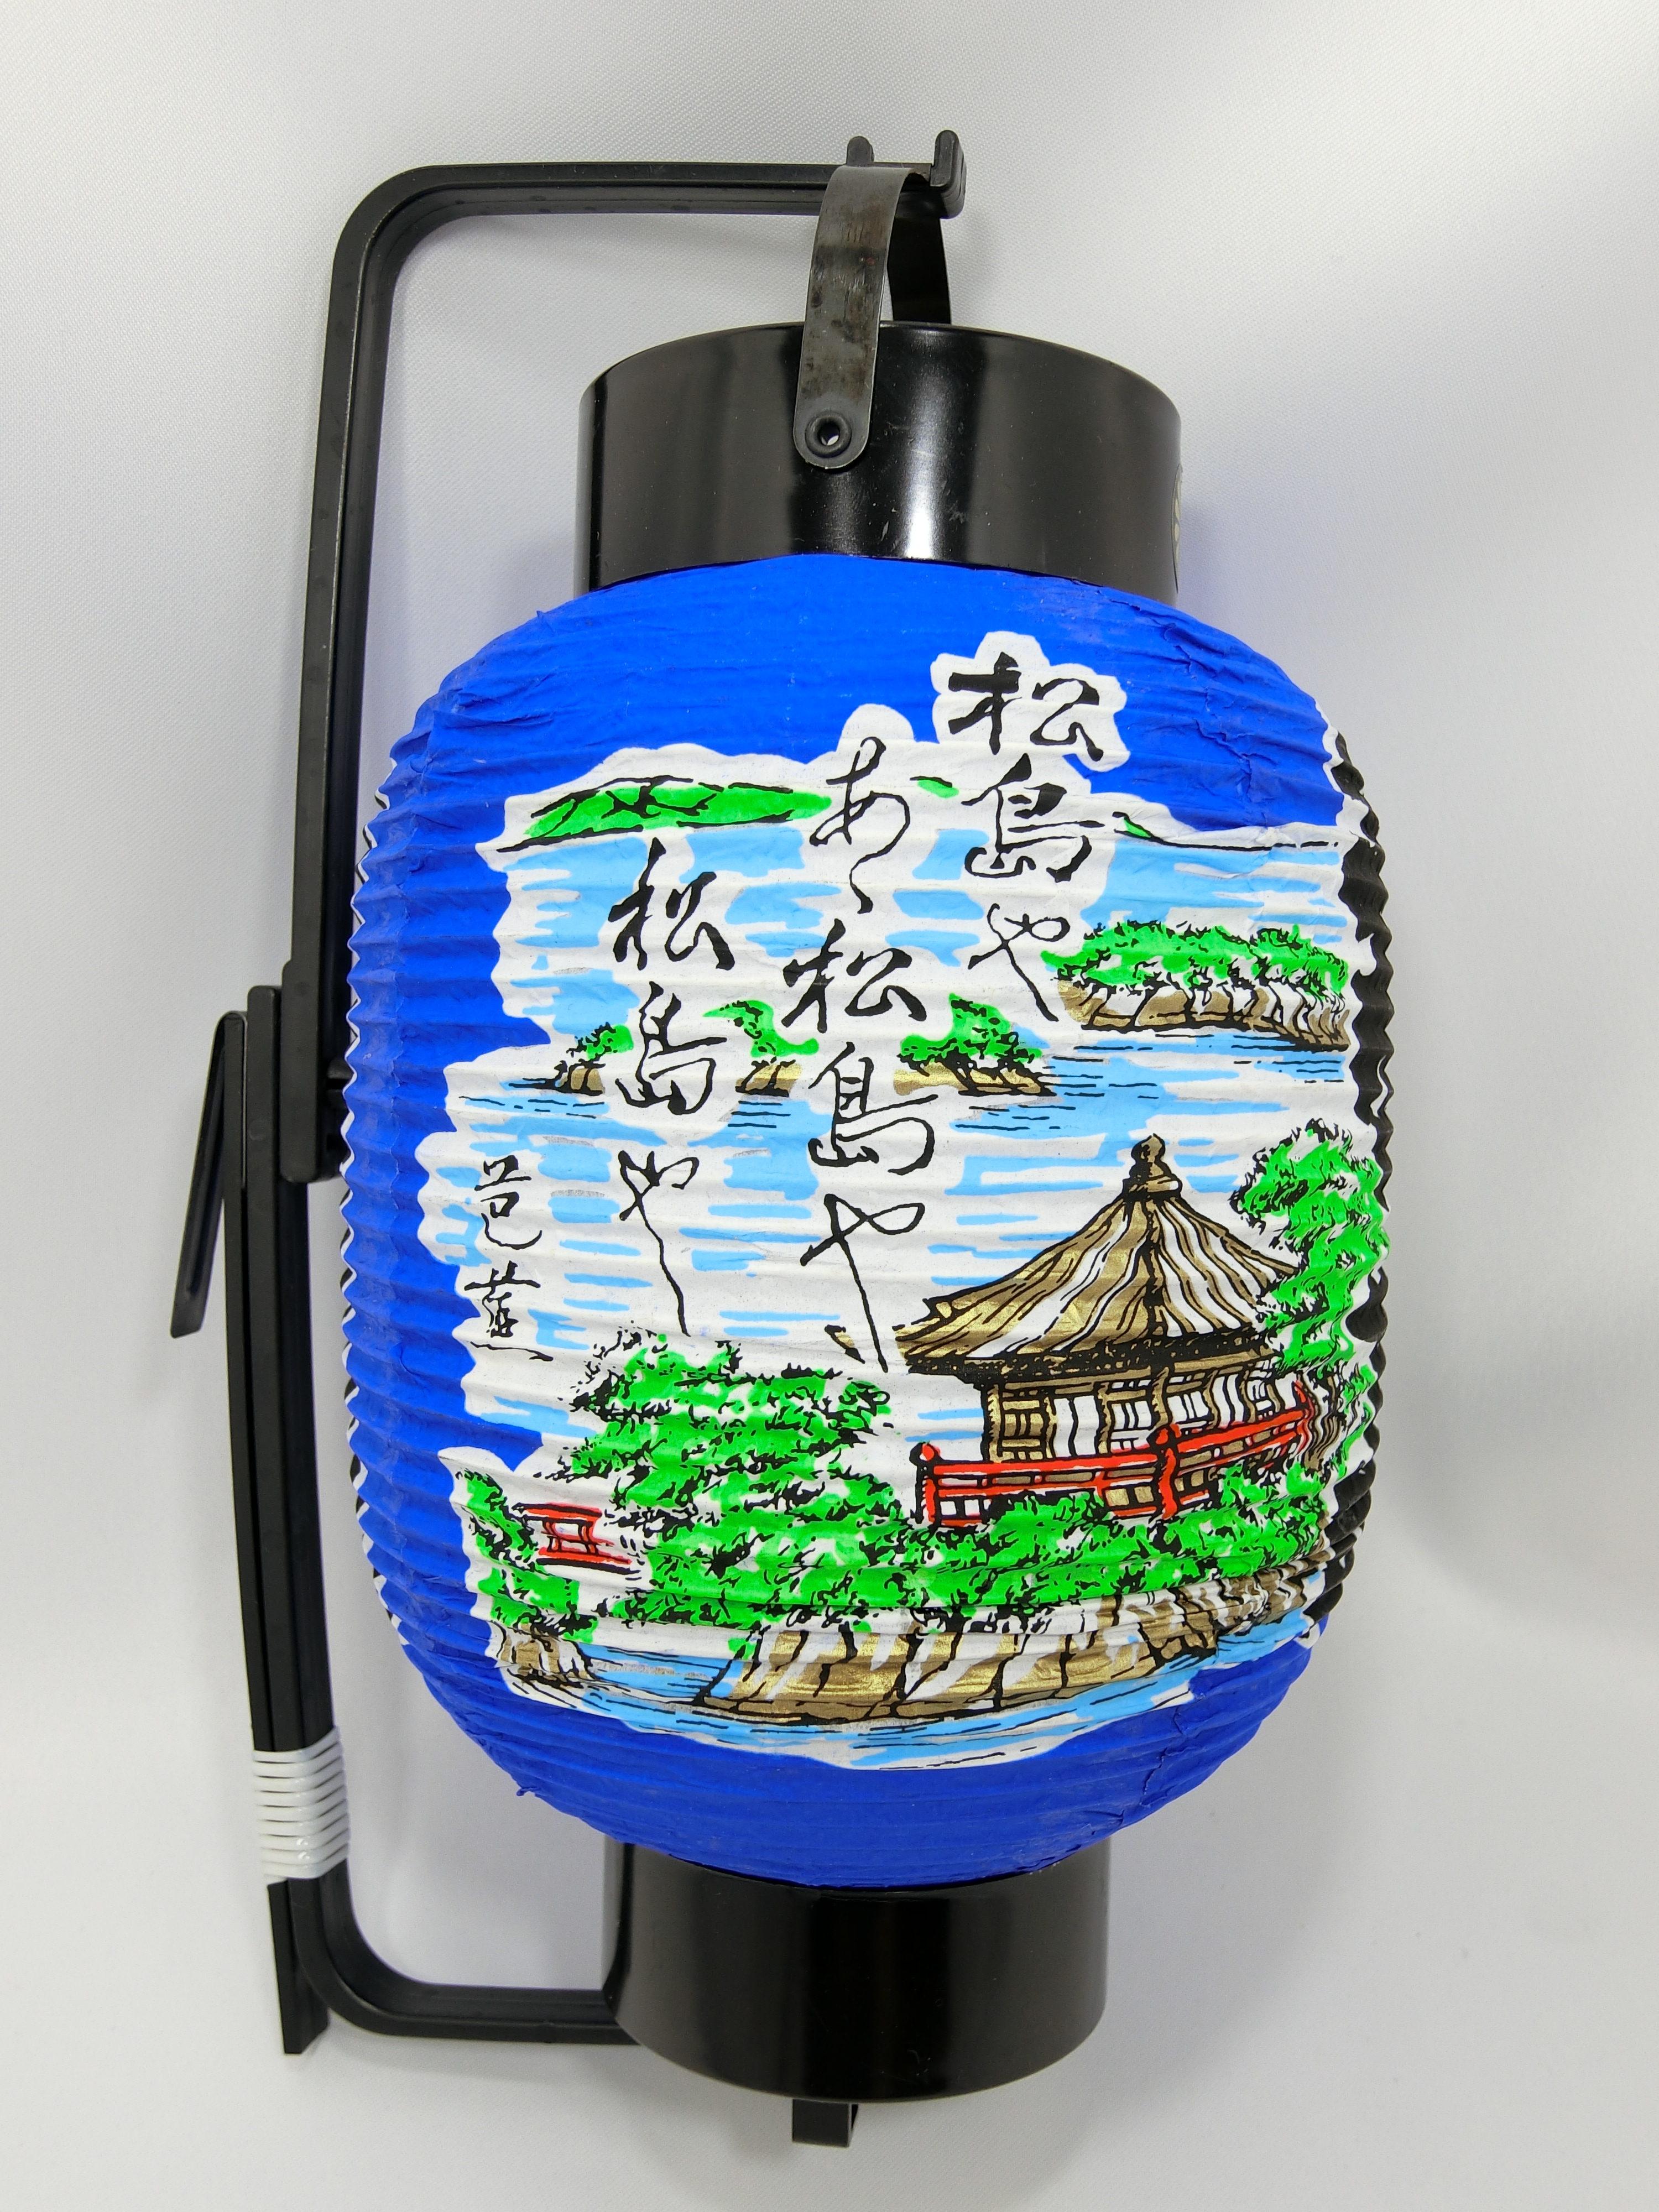 日本三景「松島」&「伊達政宗」(左)